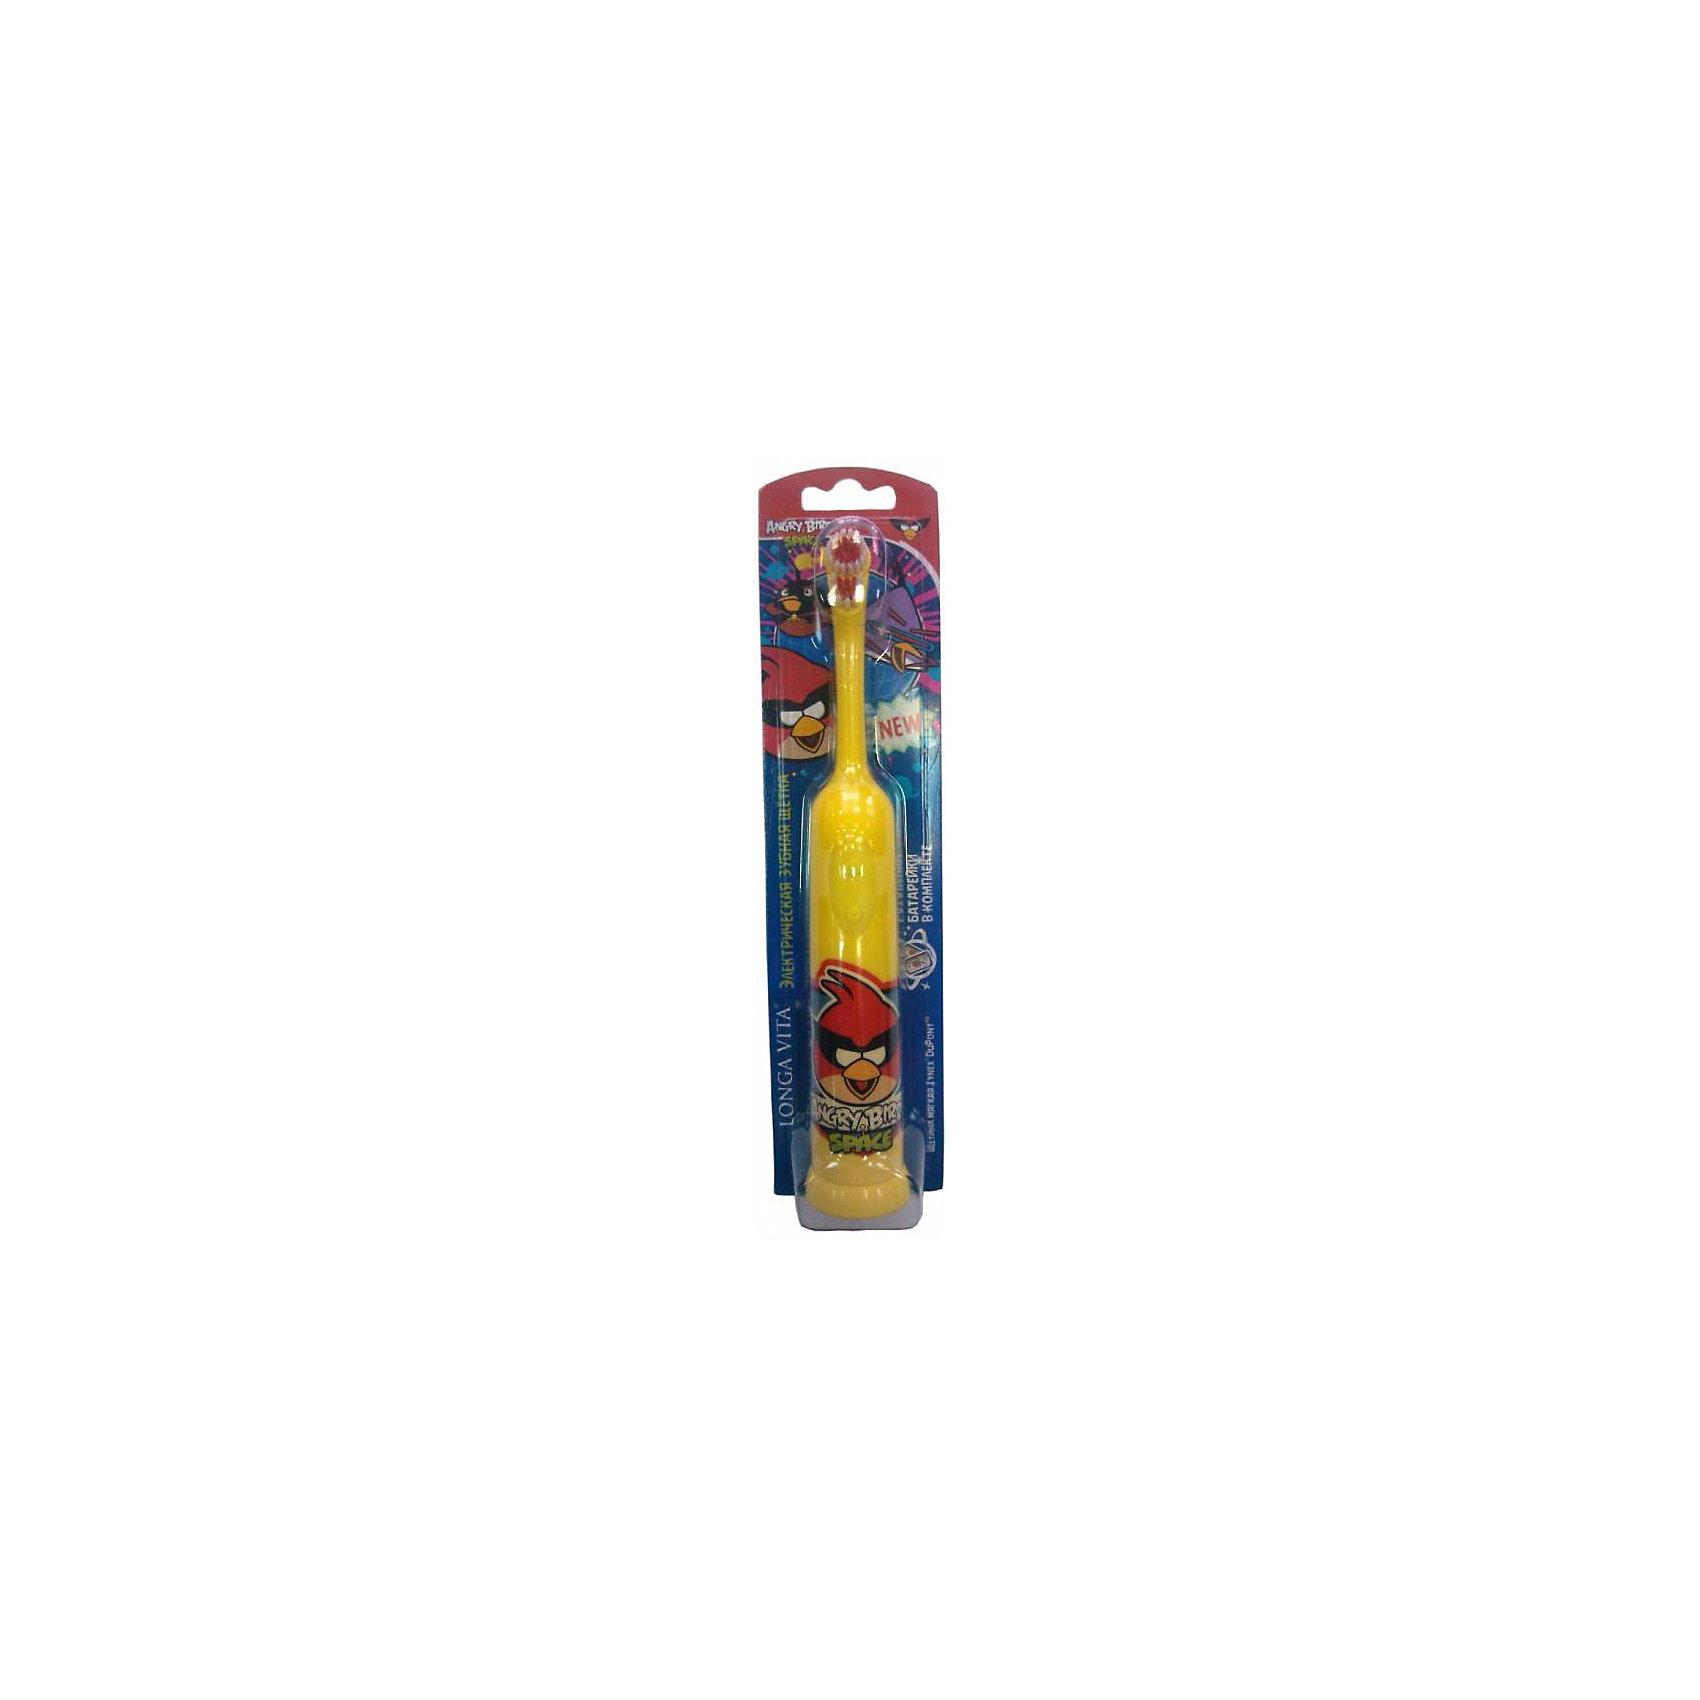 LONGA VITA Зубная щетка электрическая для детей от 3-х лет, + батарейка, Angry Birds, LONGA VITA, красная птичка недорого